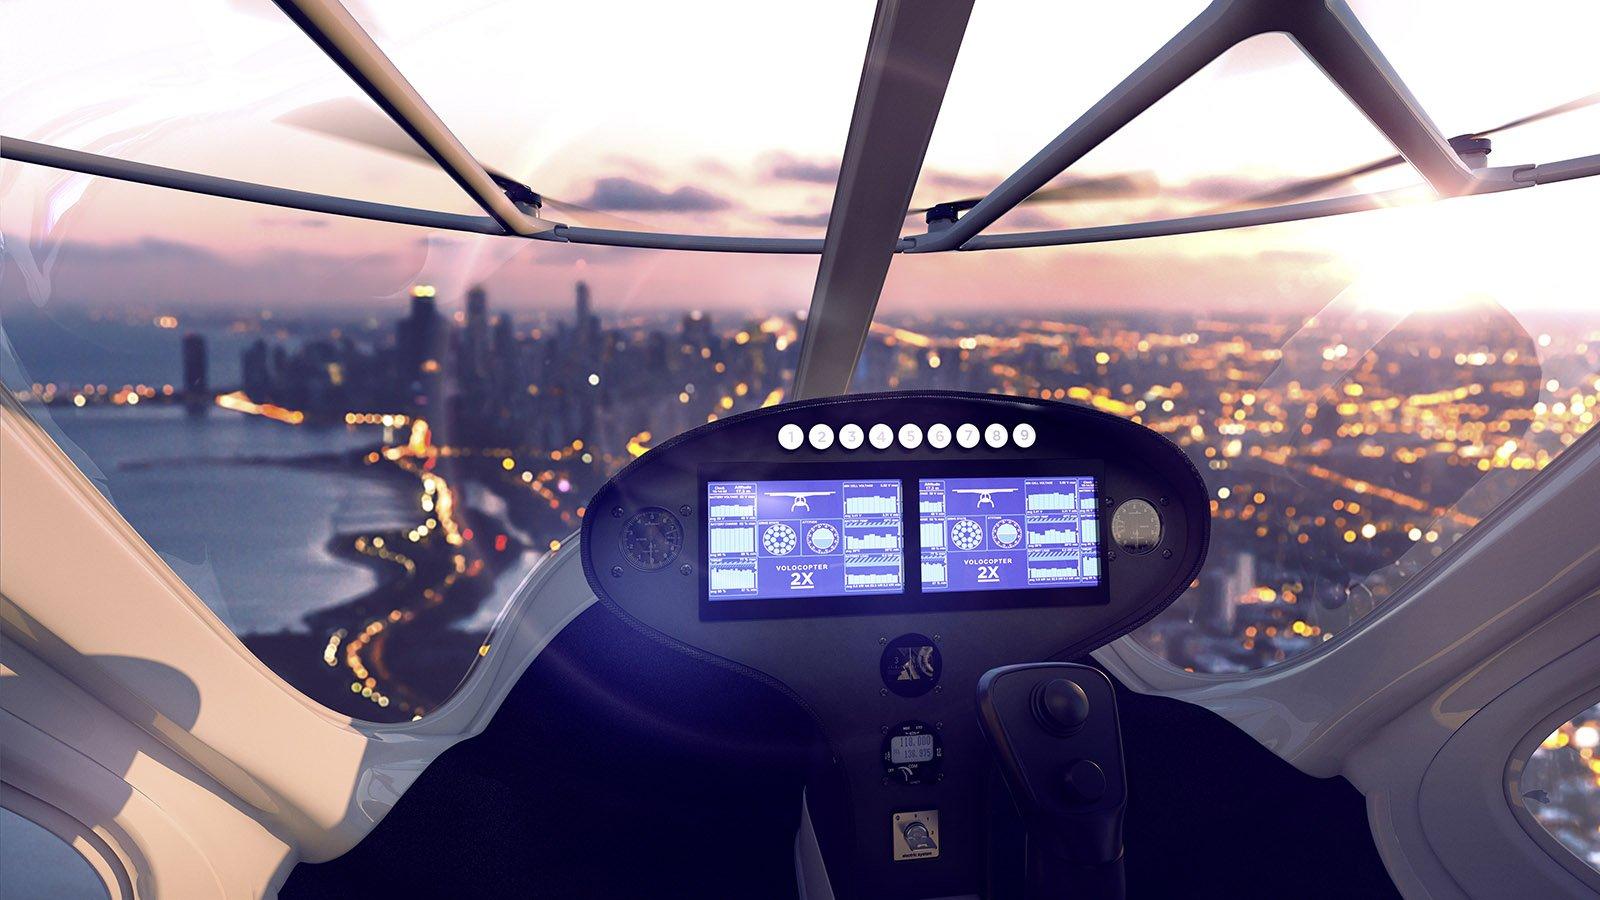 Tillsammans med Volocopter visar nu Mercedes-Benz att de flygande bilar som alltid haft en självklar plats framtiden kanske inte är så avlägsna.